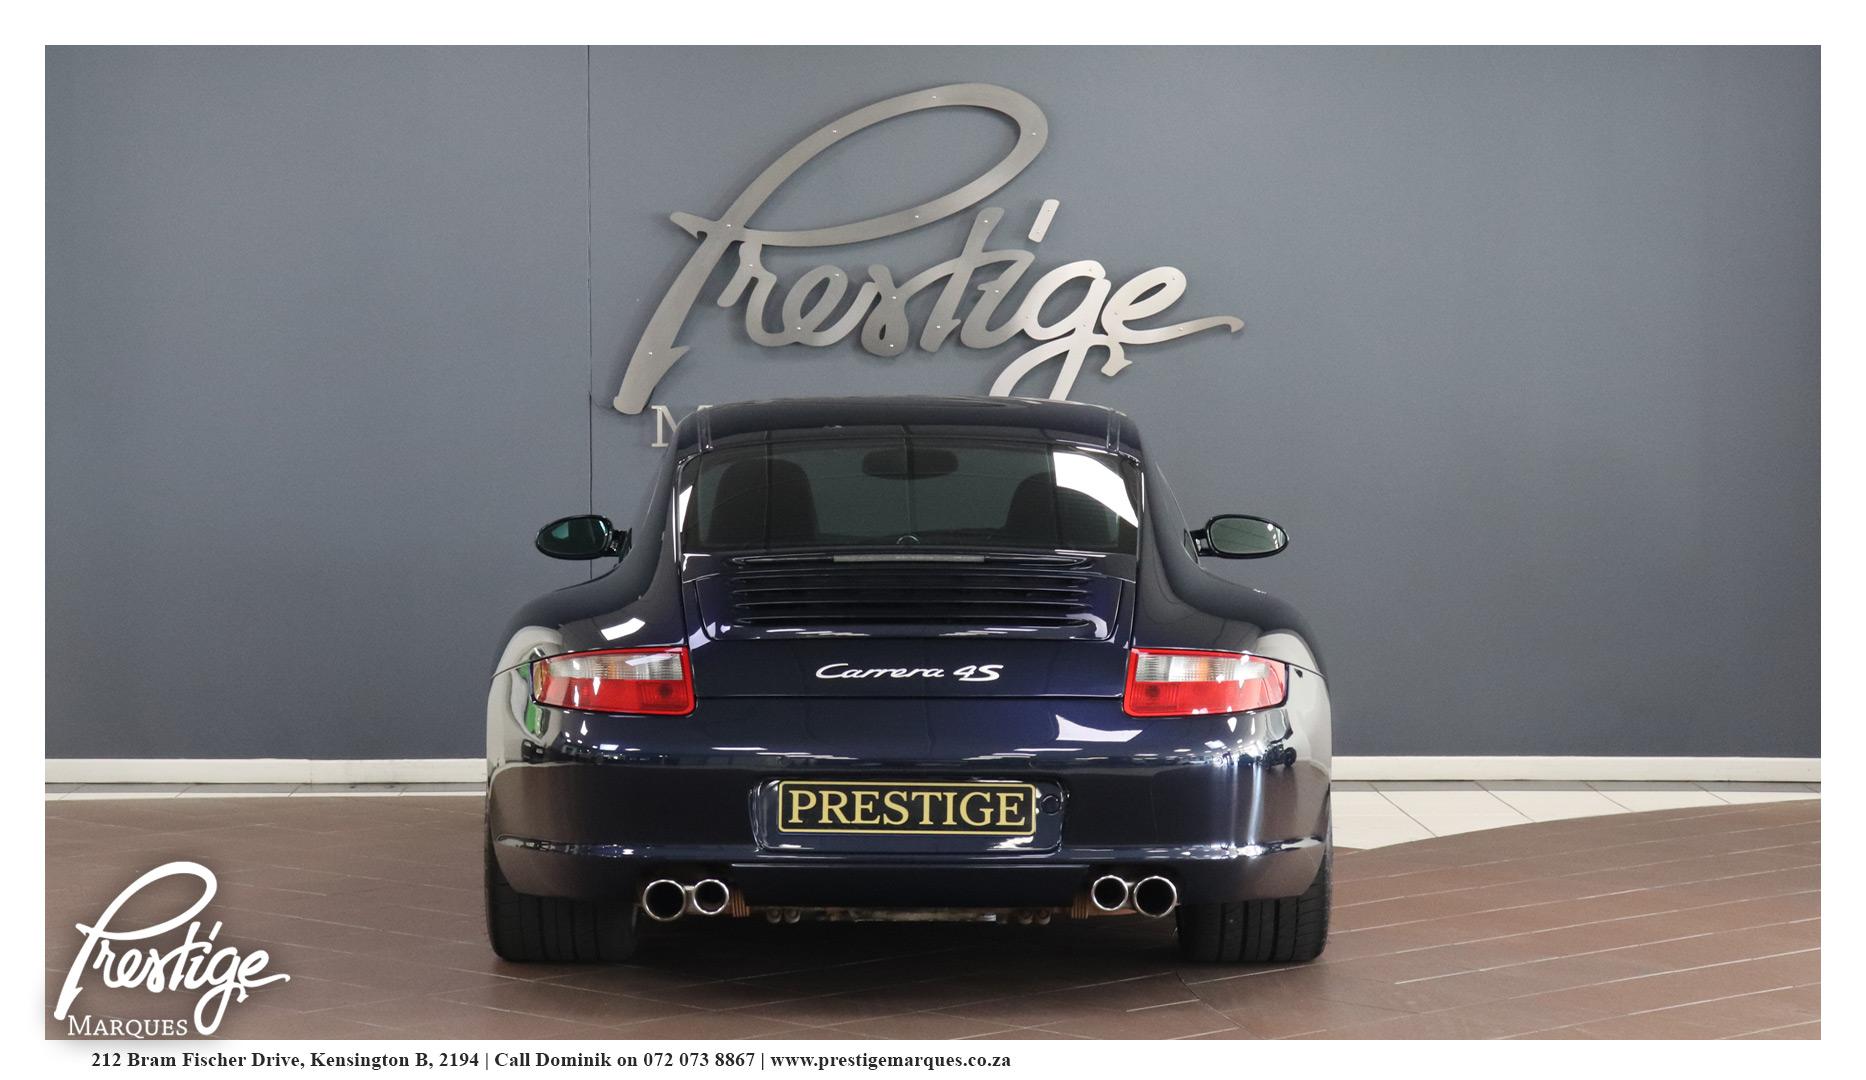 2007-Porsche-911-997-Carerra-4s-manual-prestige-marques-randburg-sandton-5